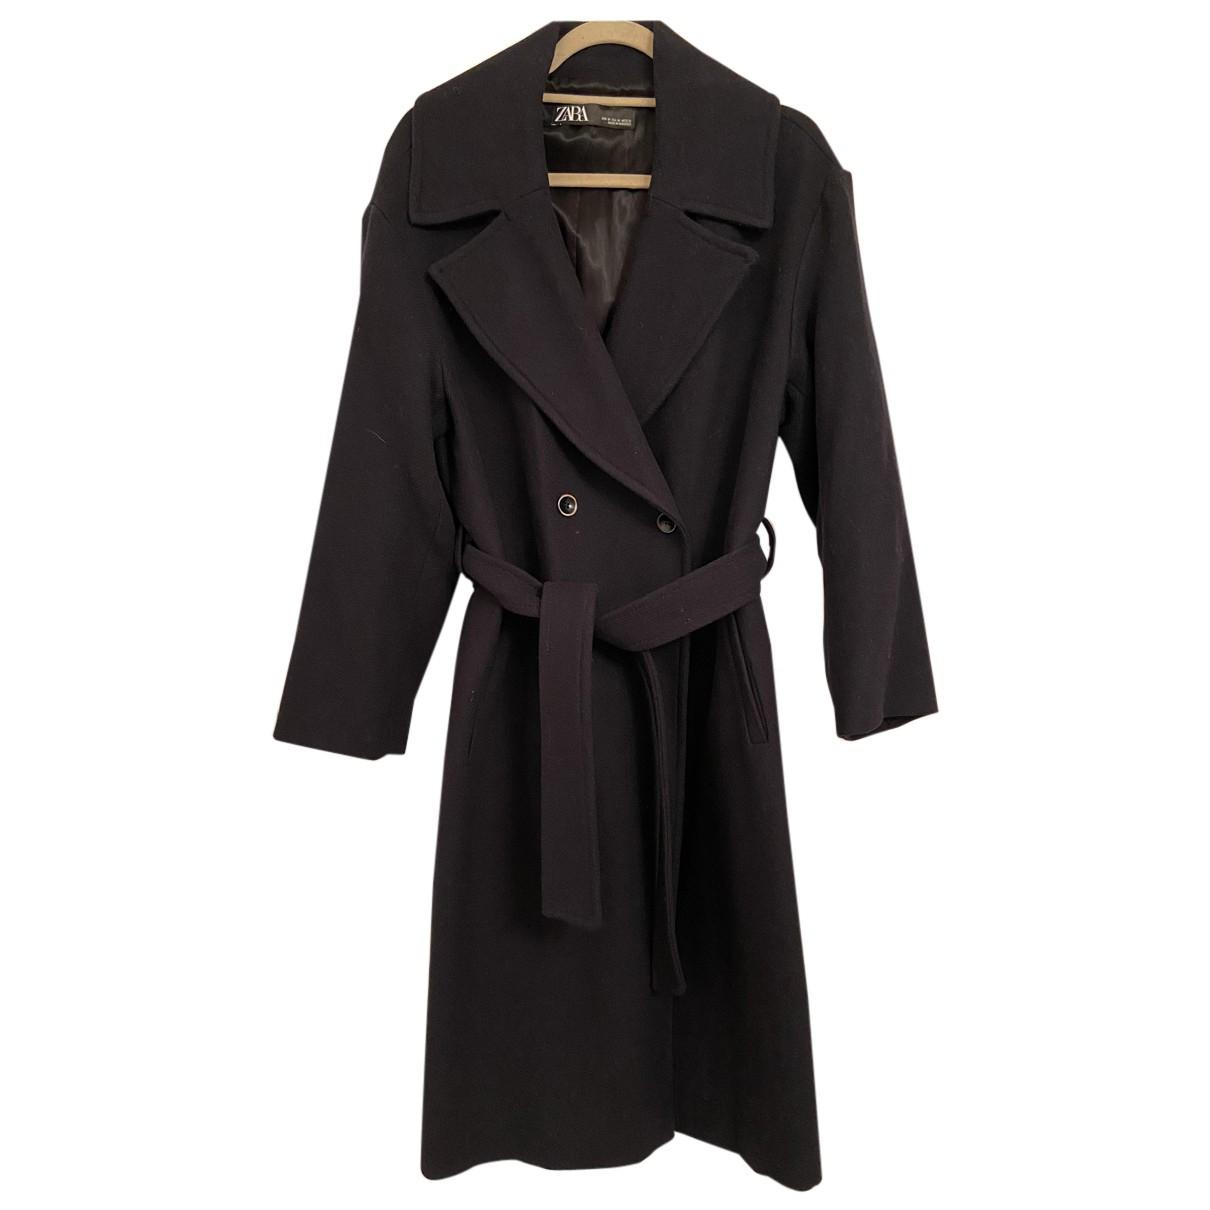 Zara - Manteau   pour femme en laine - marine